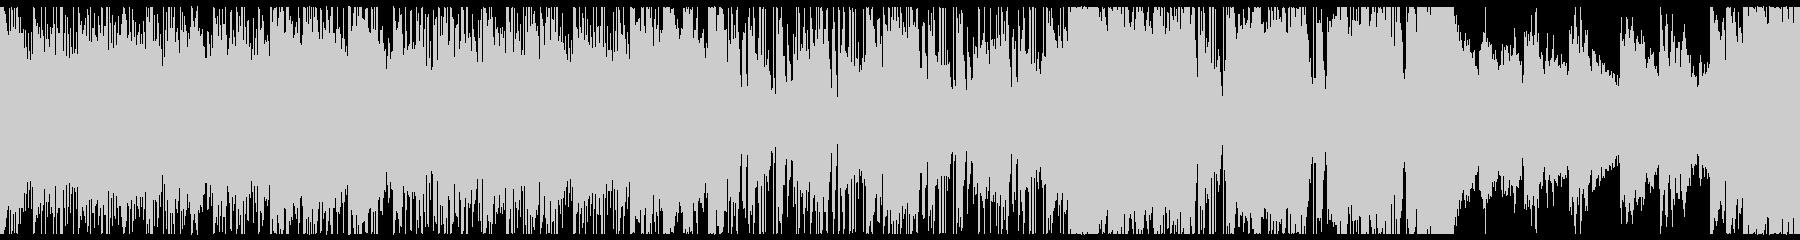 レトロなテクノ・Synthwaveループの未再生の波形